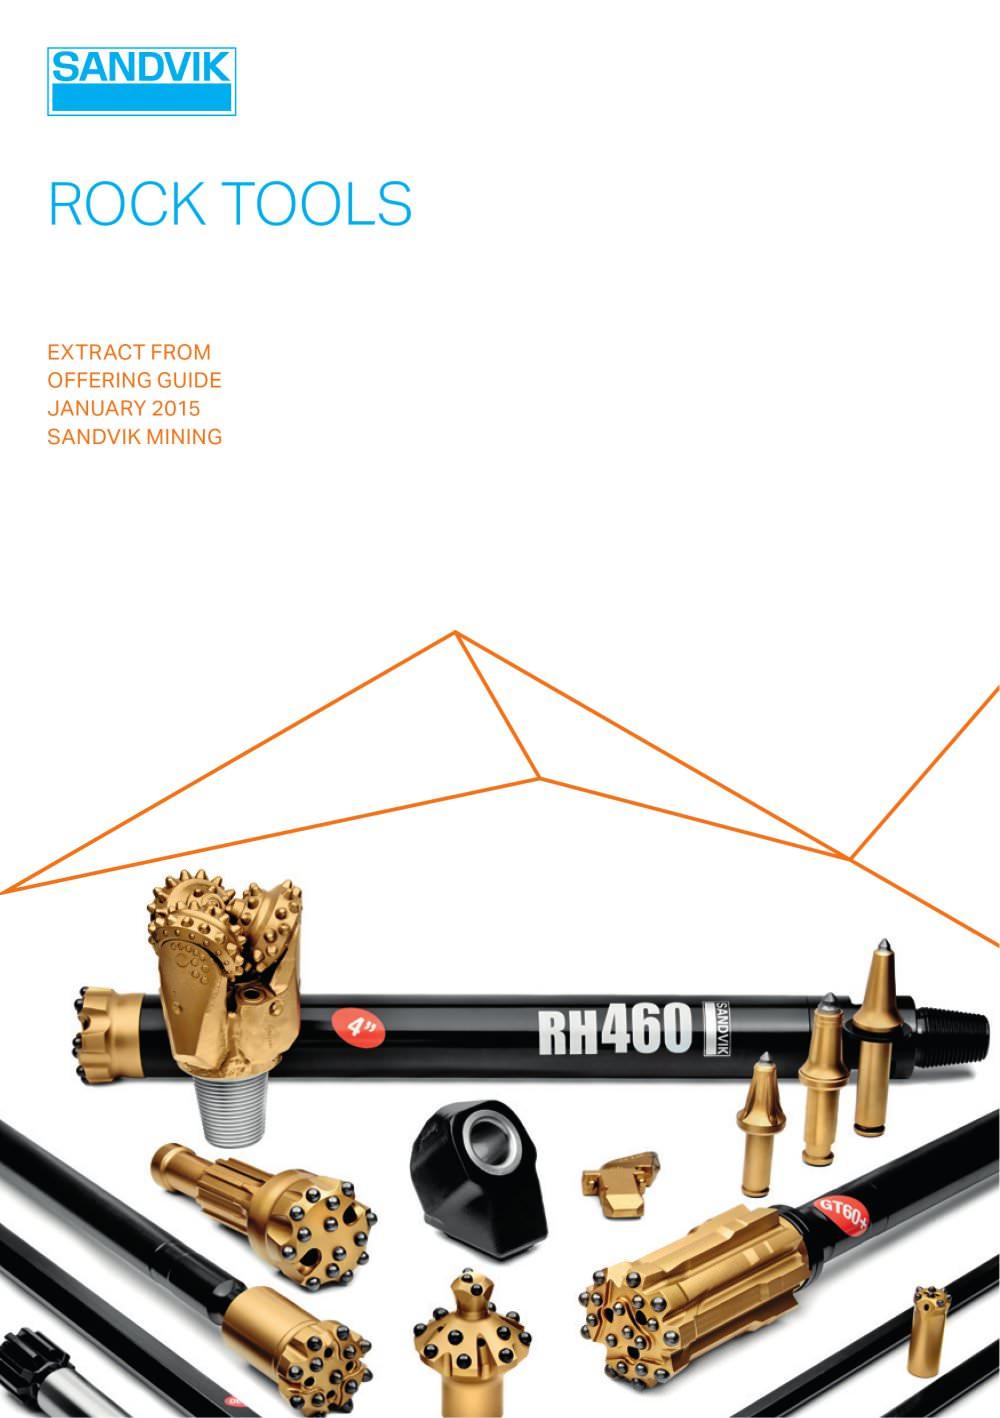 Sandvik mining rock tools